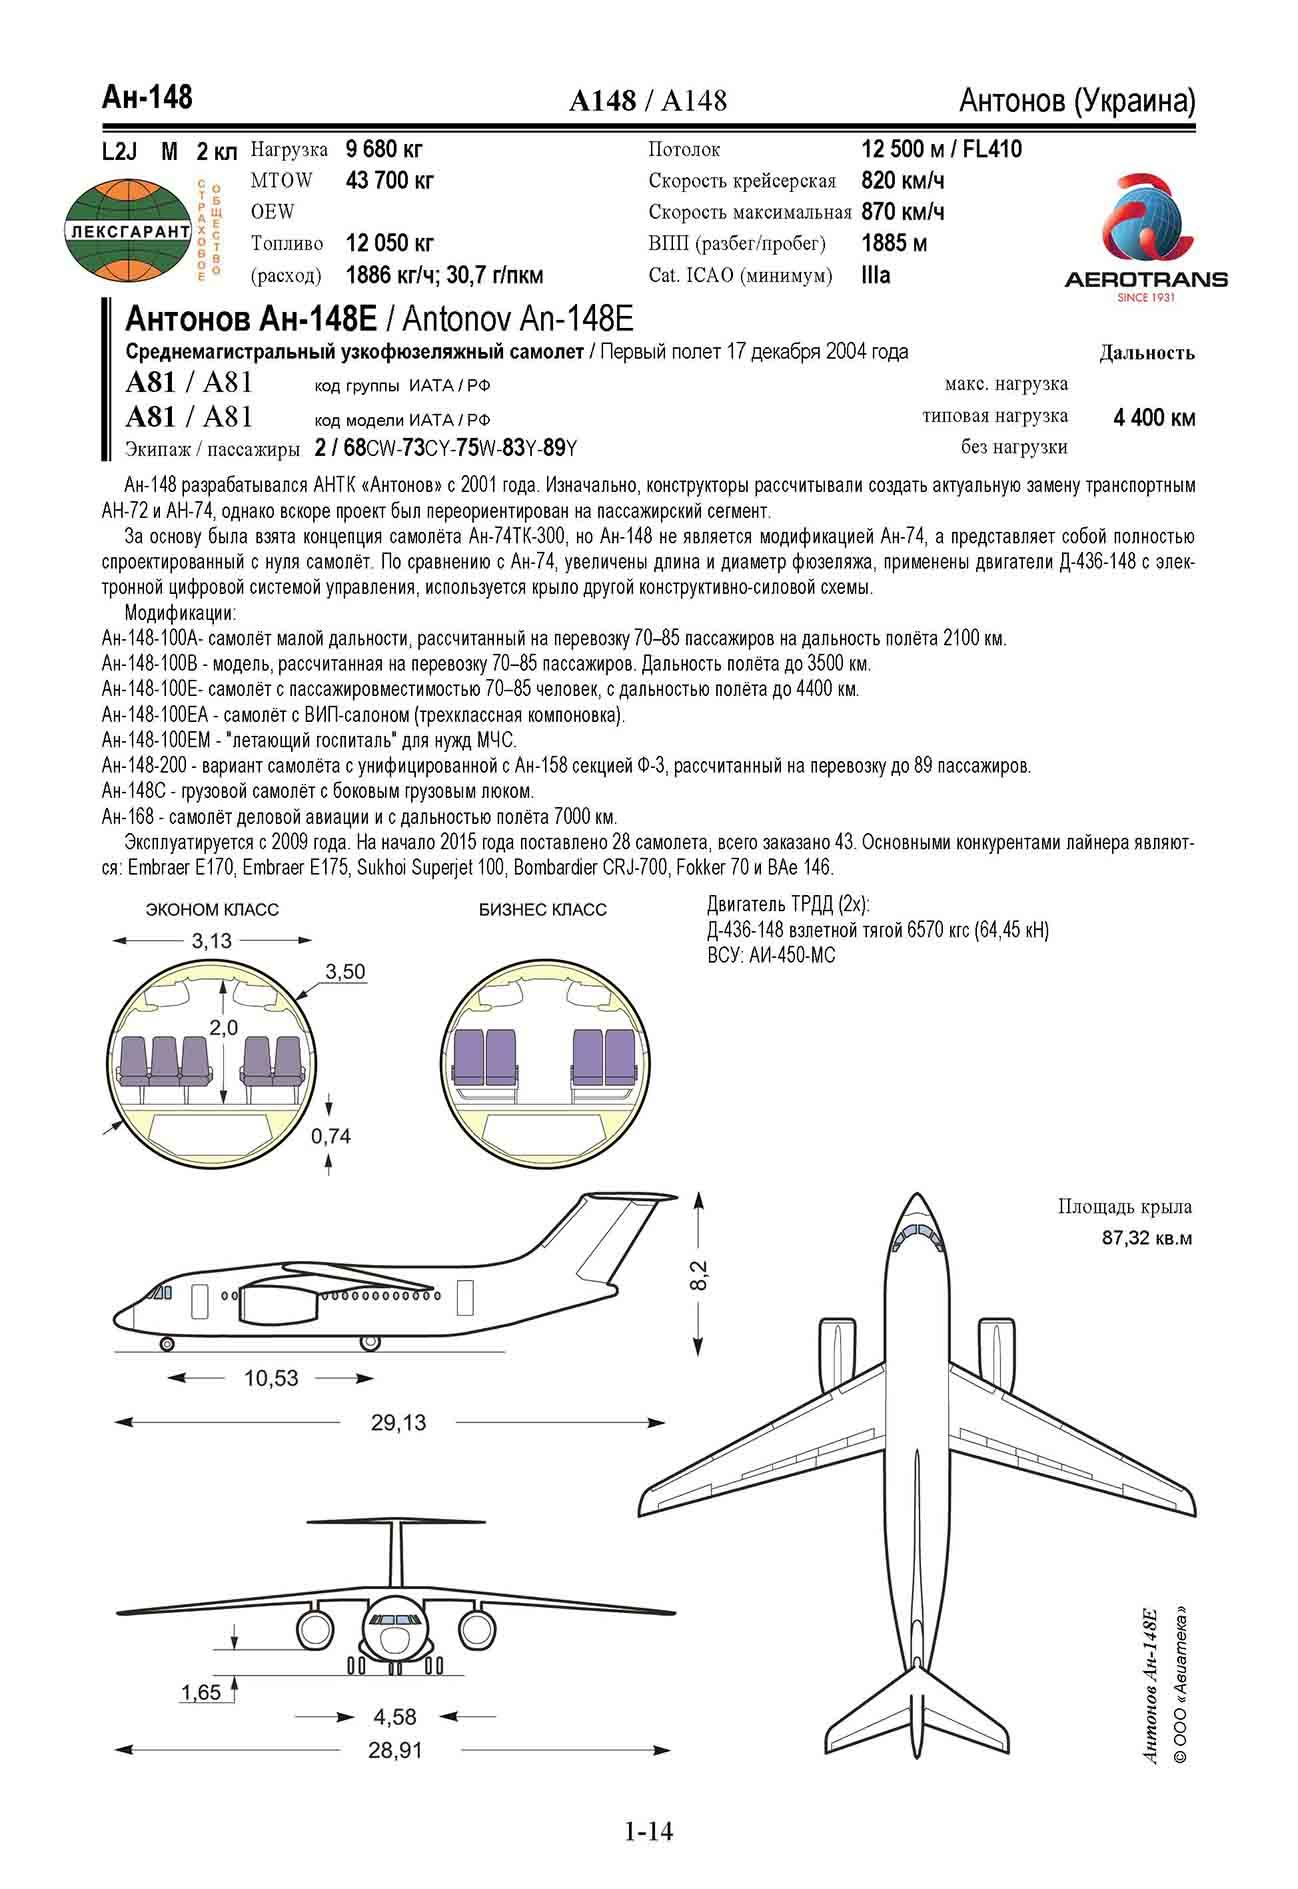 Антонов Ан-148Е / Antonov An-148E